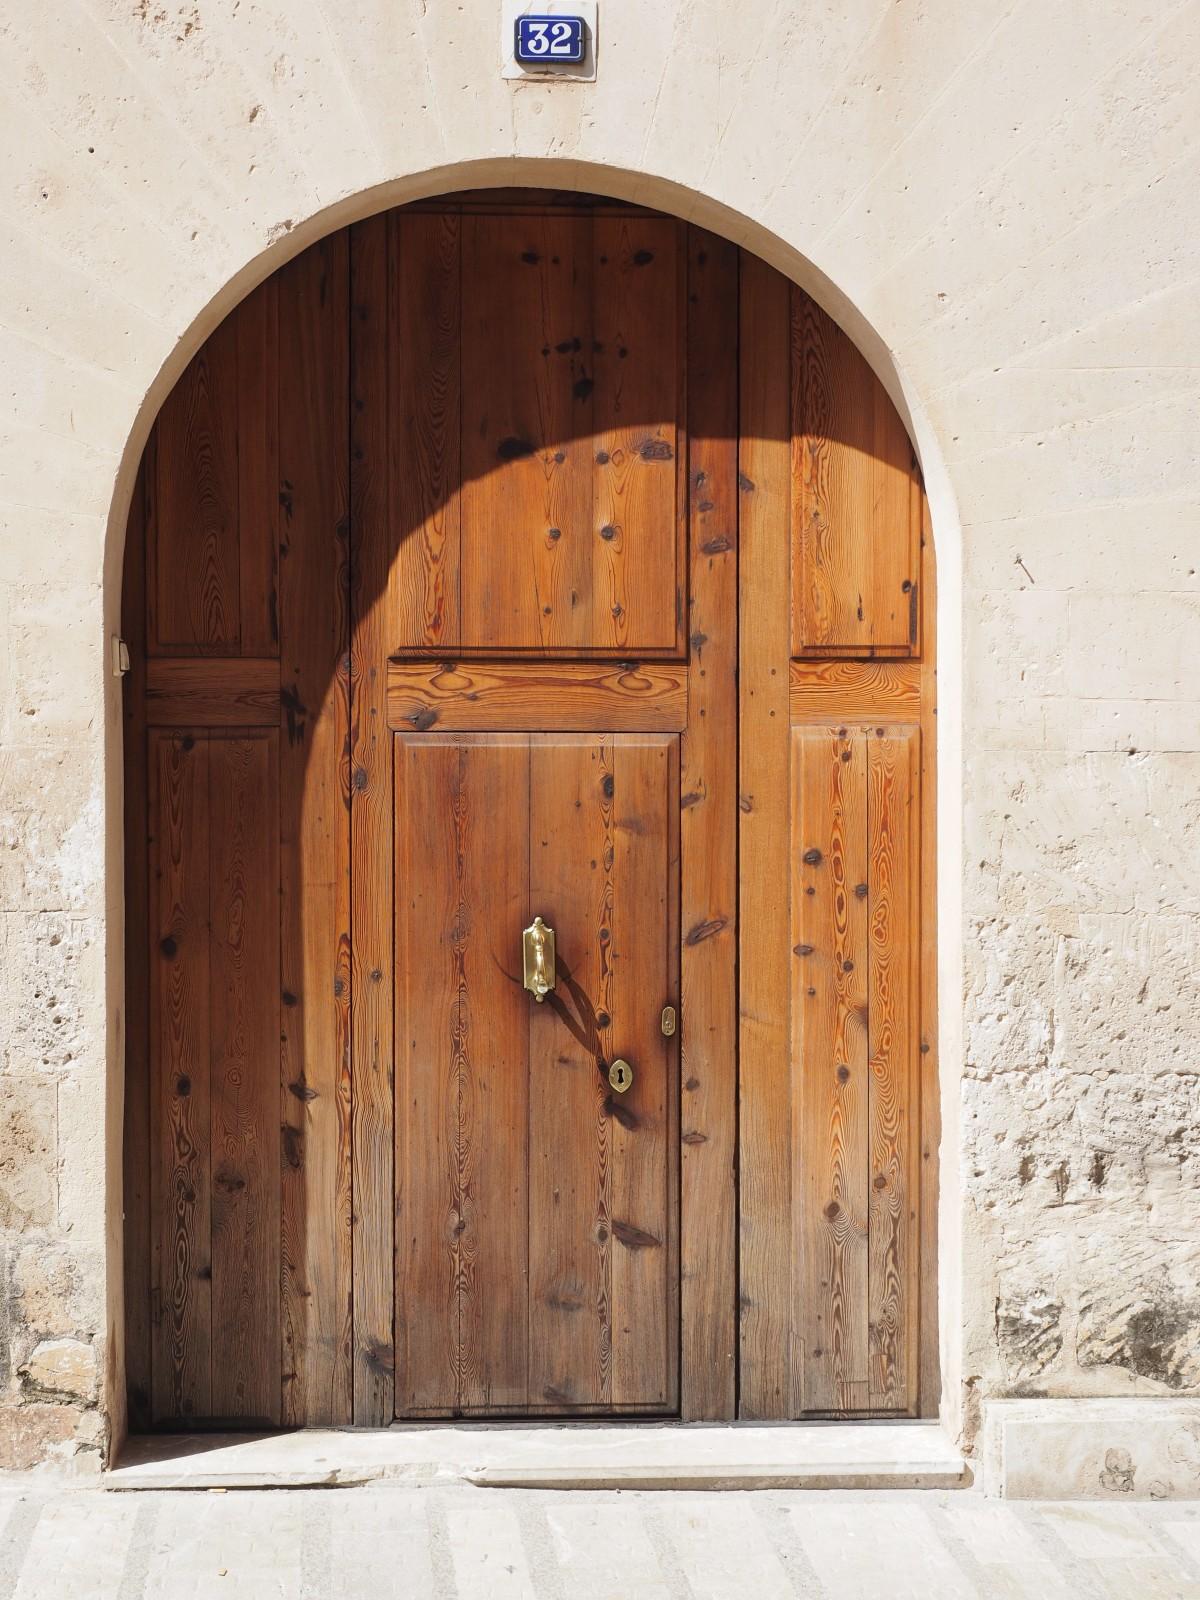 Vieux Portail En Bois images gratuites : bois, vieux, cambre, meubles, objectif